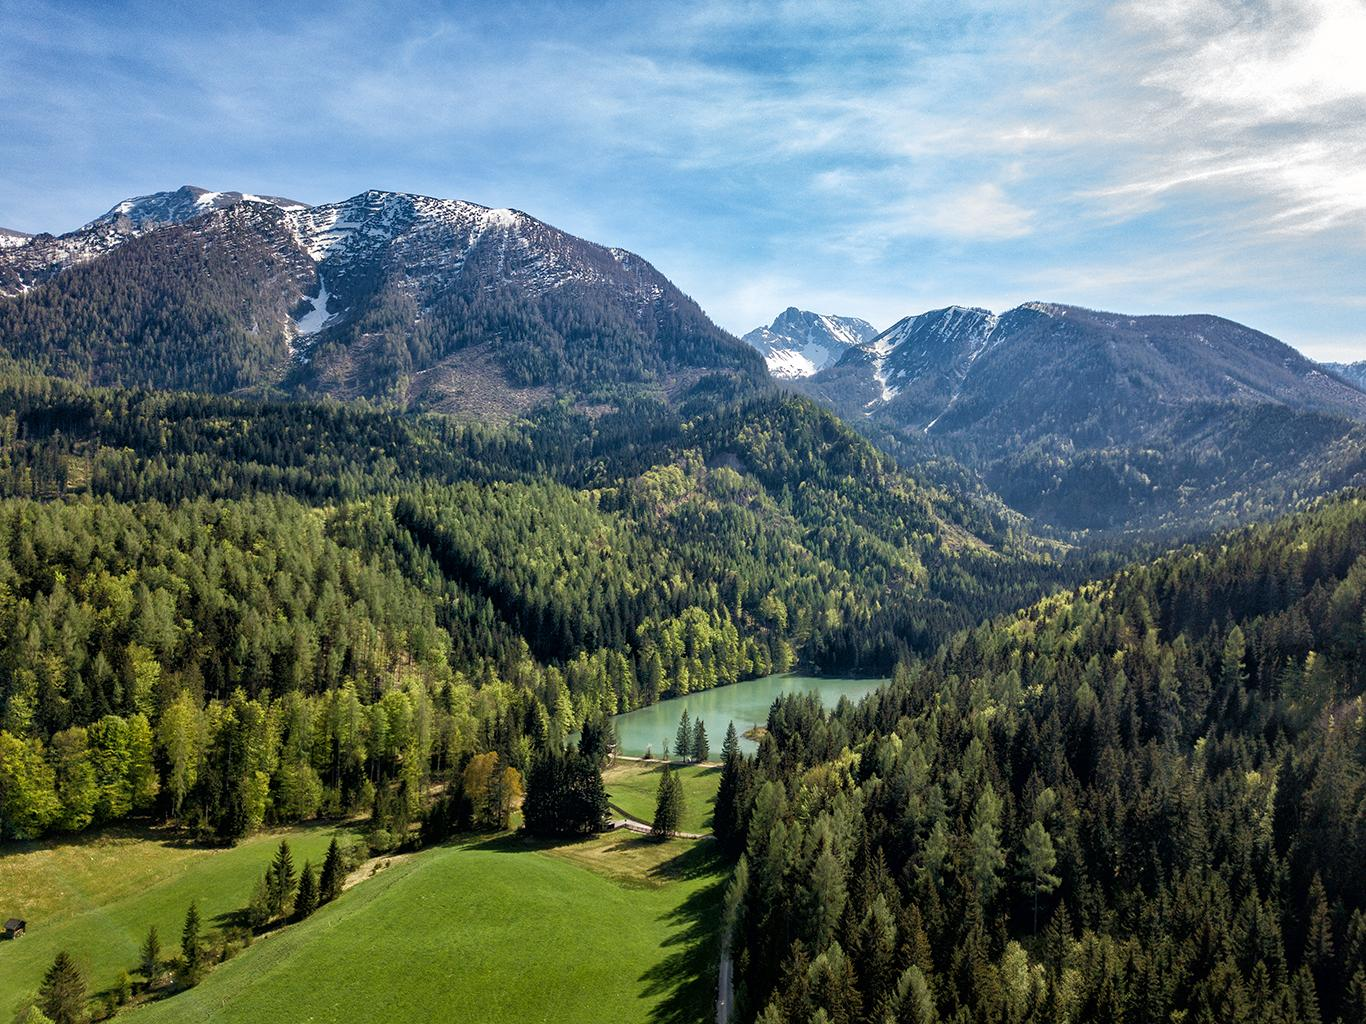 Familienbauernhof Grossgrub #Willkommen#Bildergalerie#Sommer#Schafferteich#Wanderwege